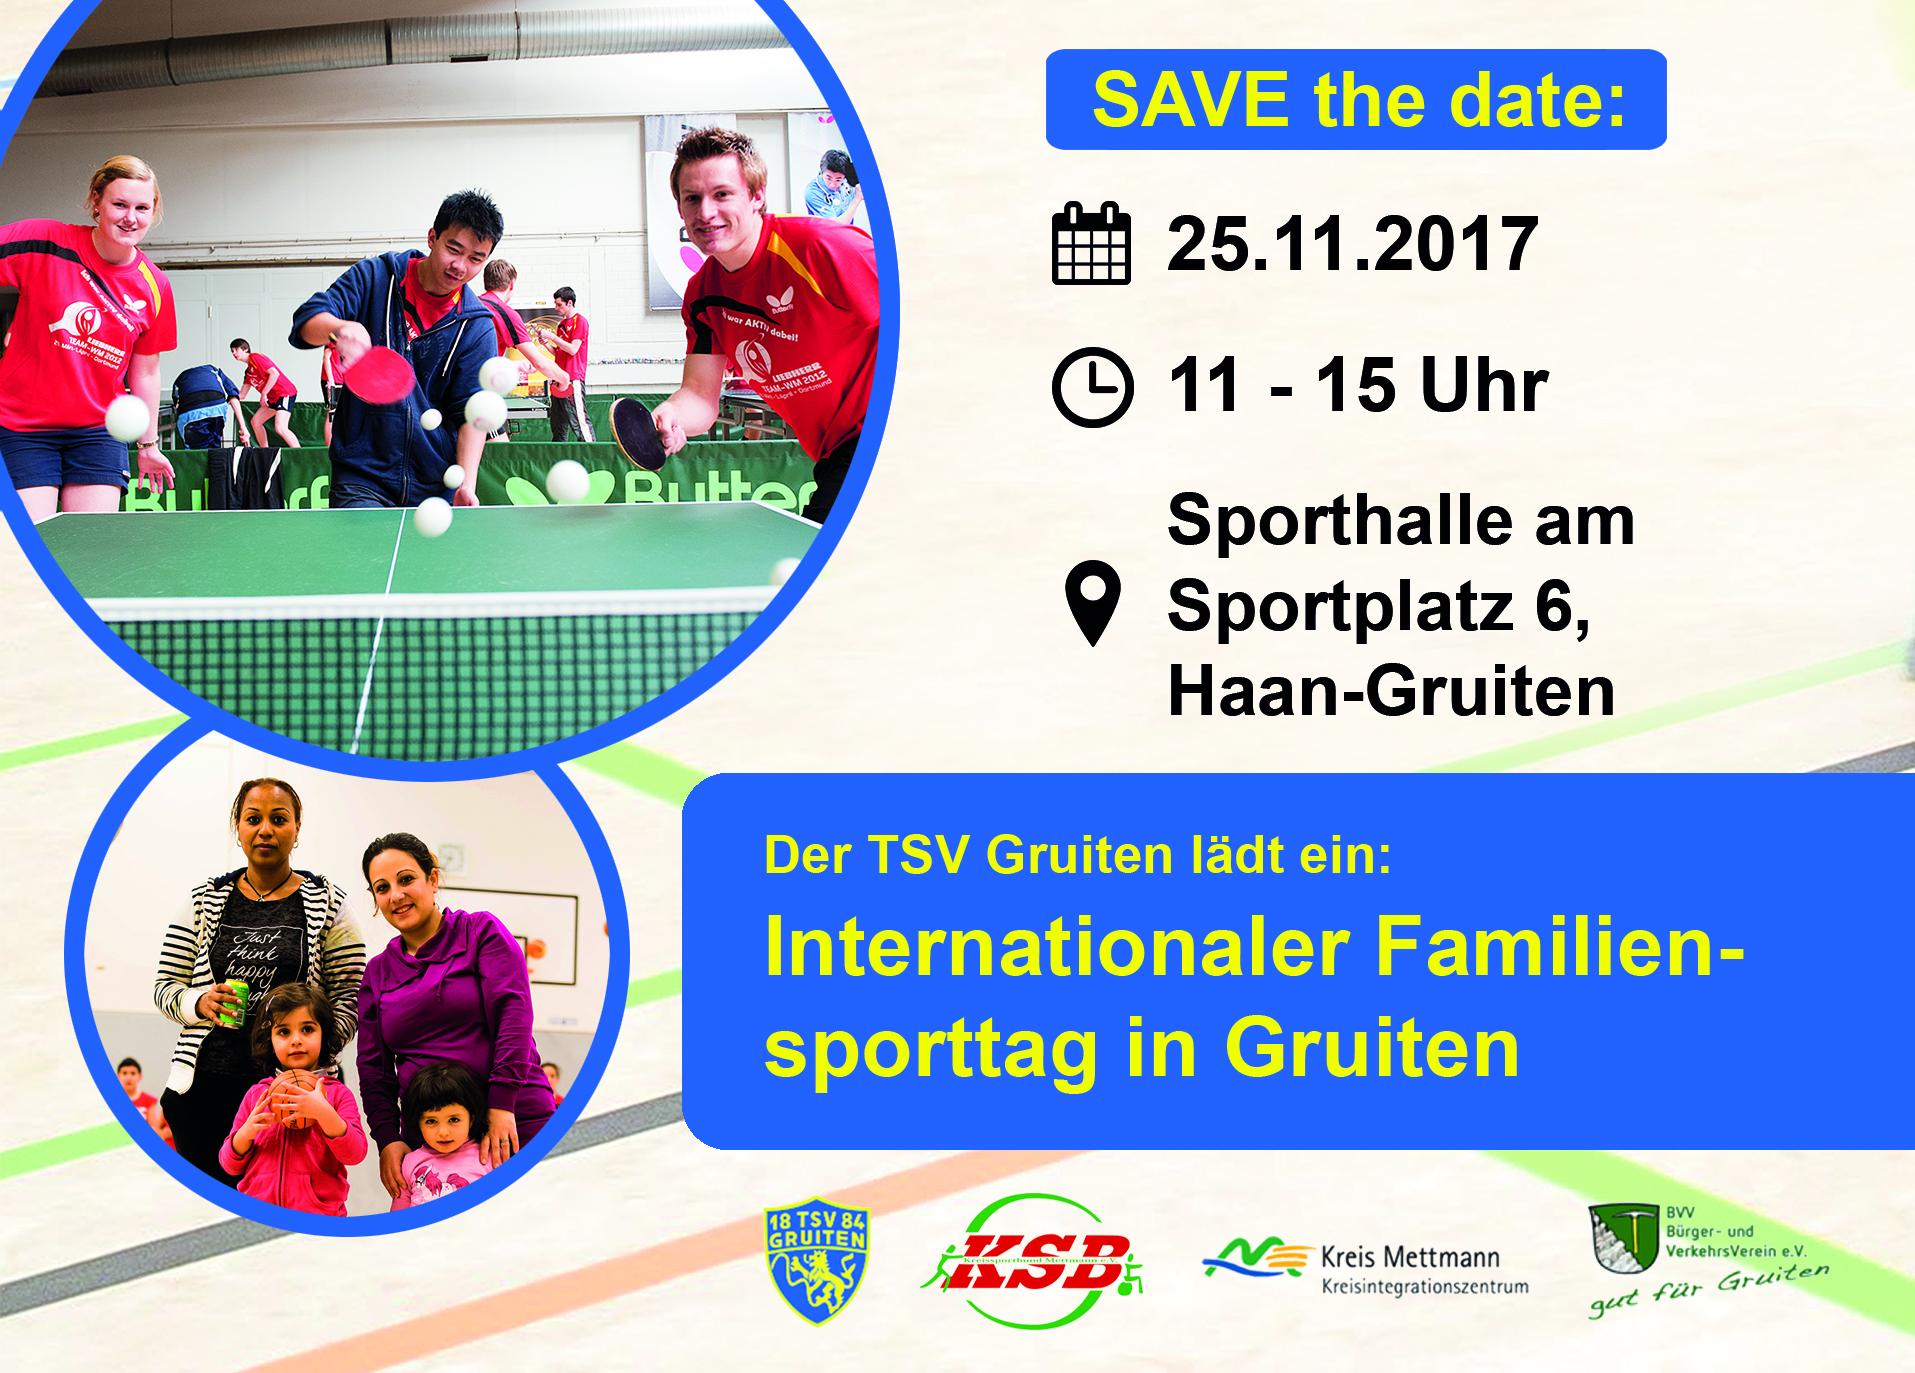 Internationaler Familiensporttag in Gruiten